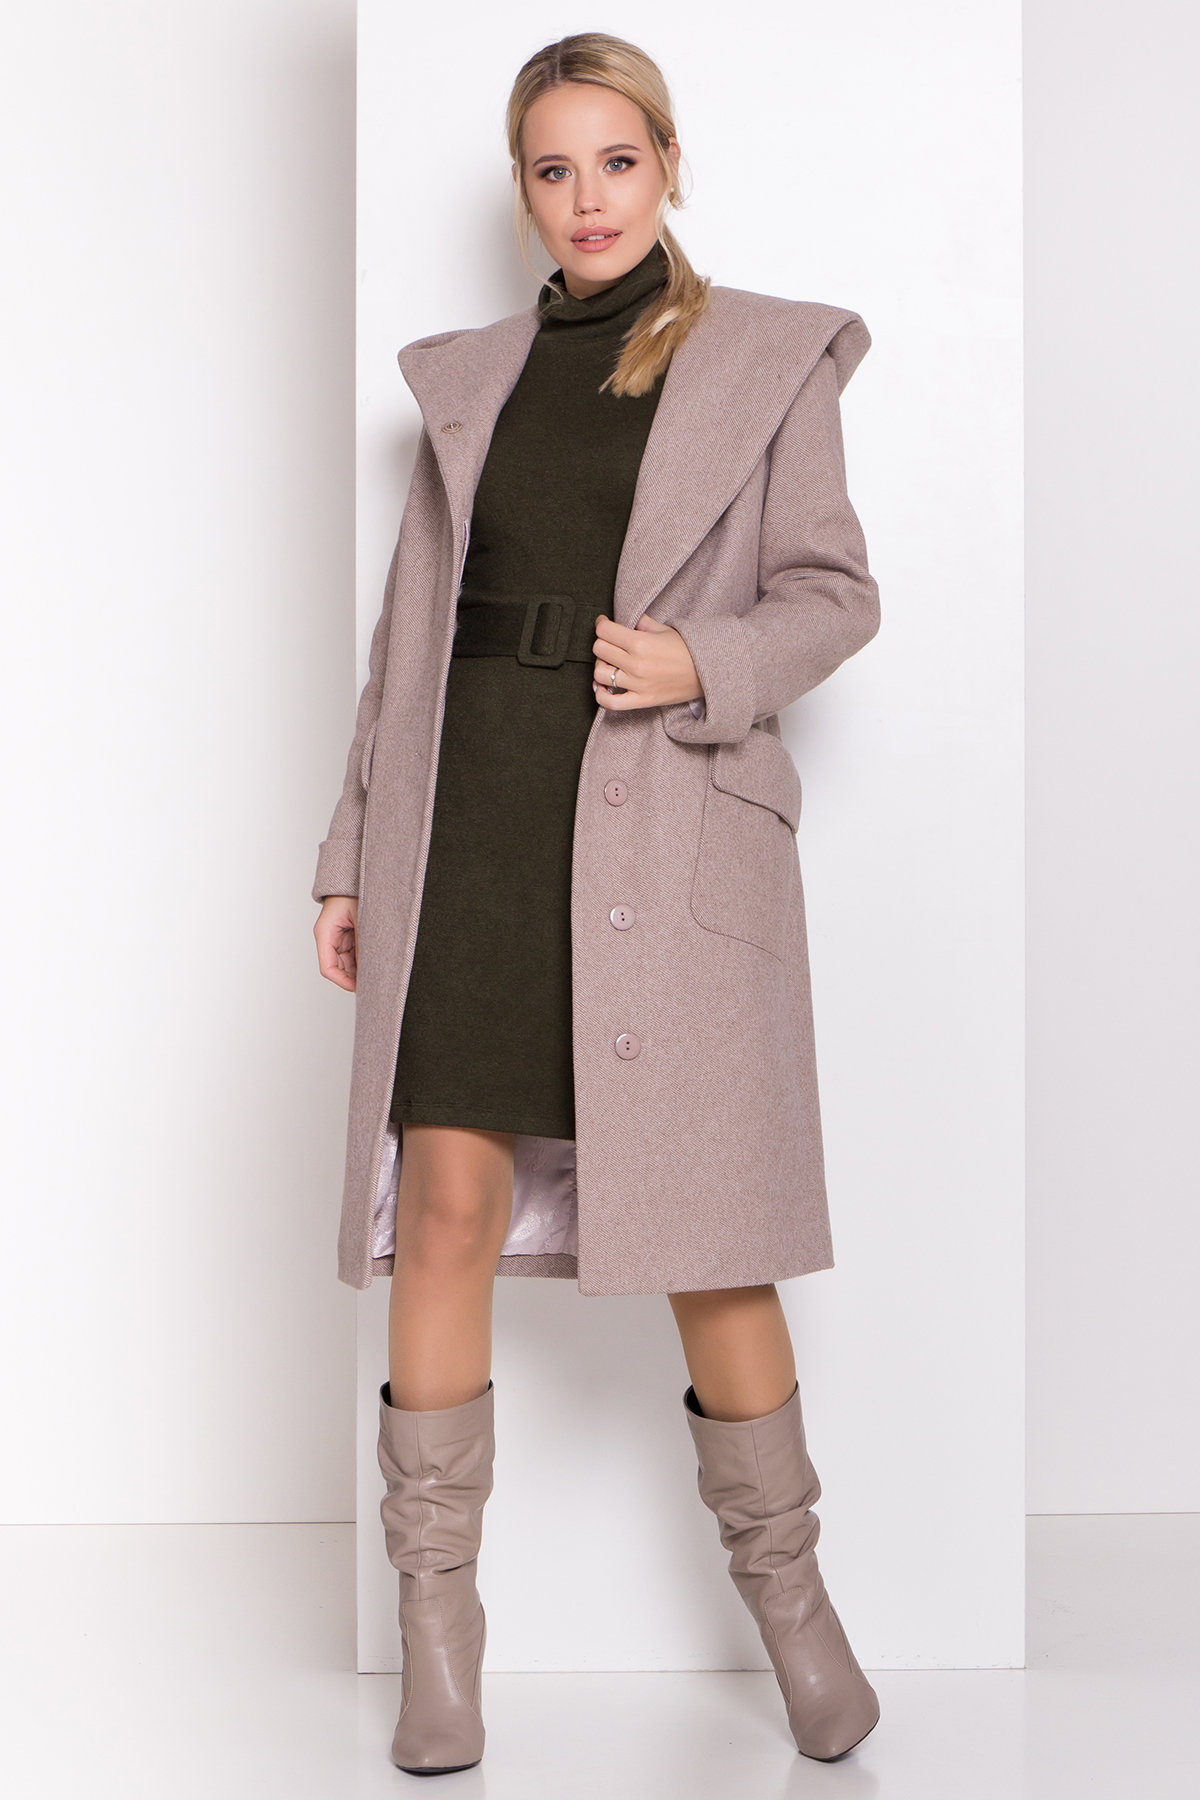 Платье из ангоры Вери 8258 АРТ. 44718 Цвет: Хаки - фото 4, интернет магазин tm-modus.ru